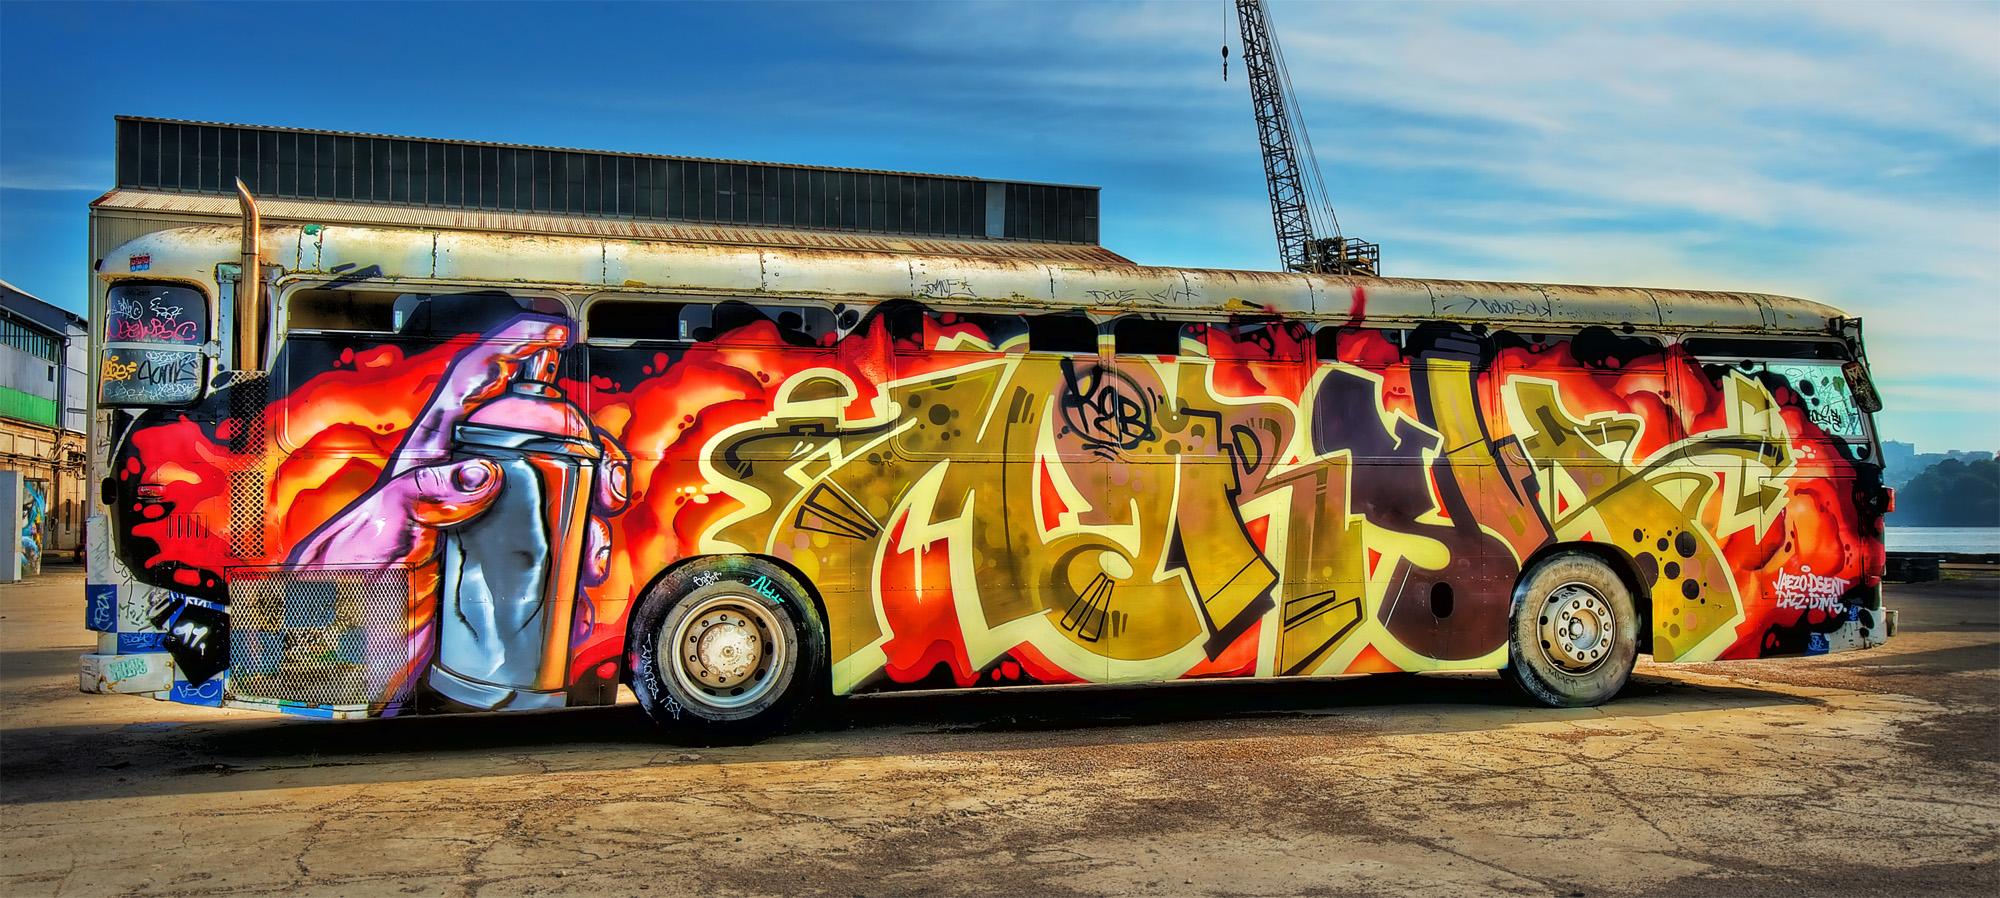 Graffiti Art Bus